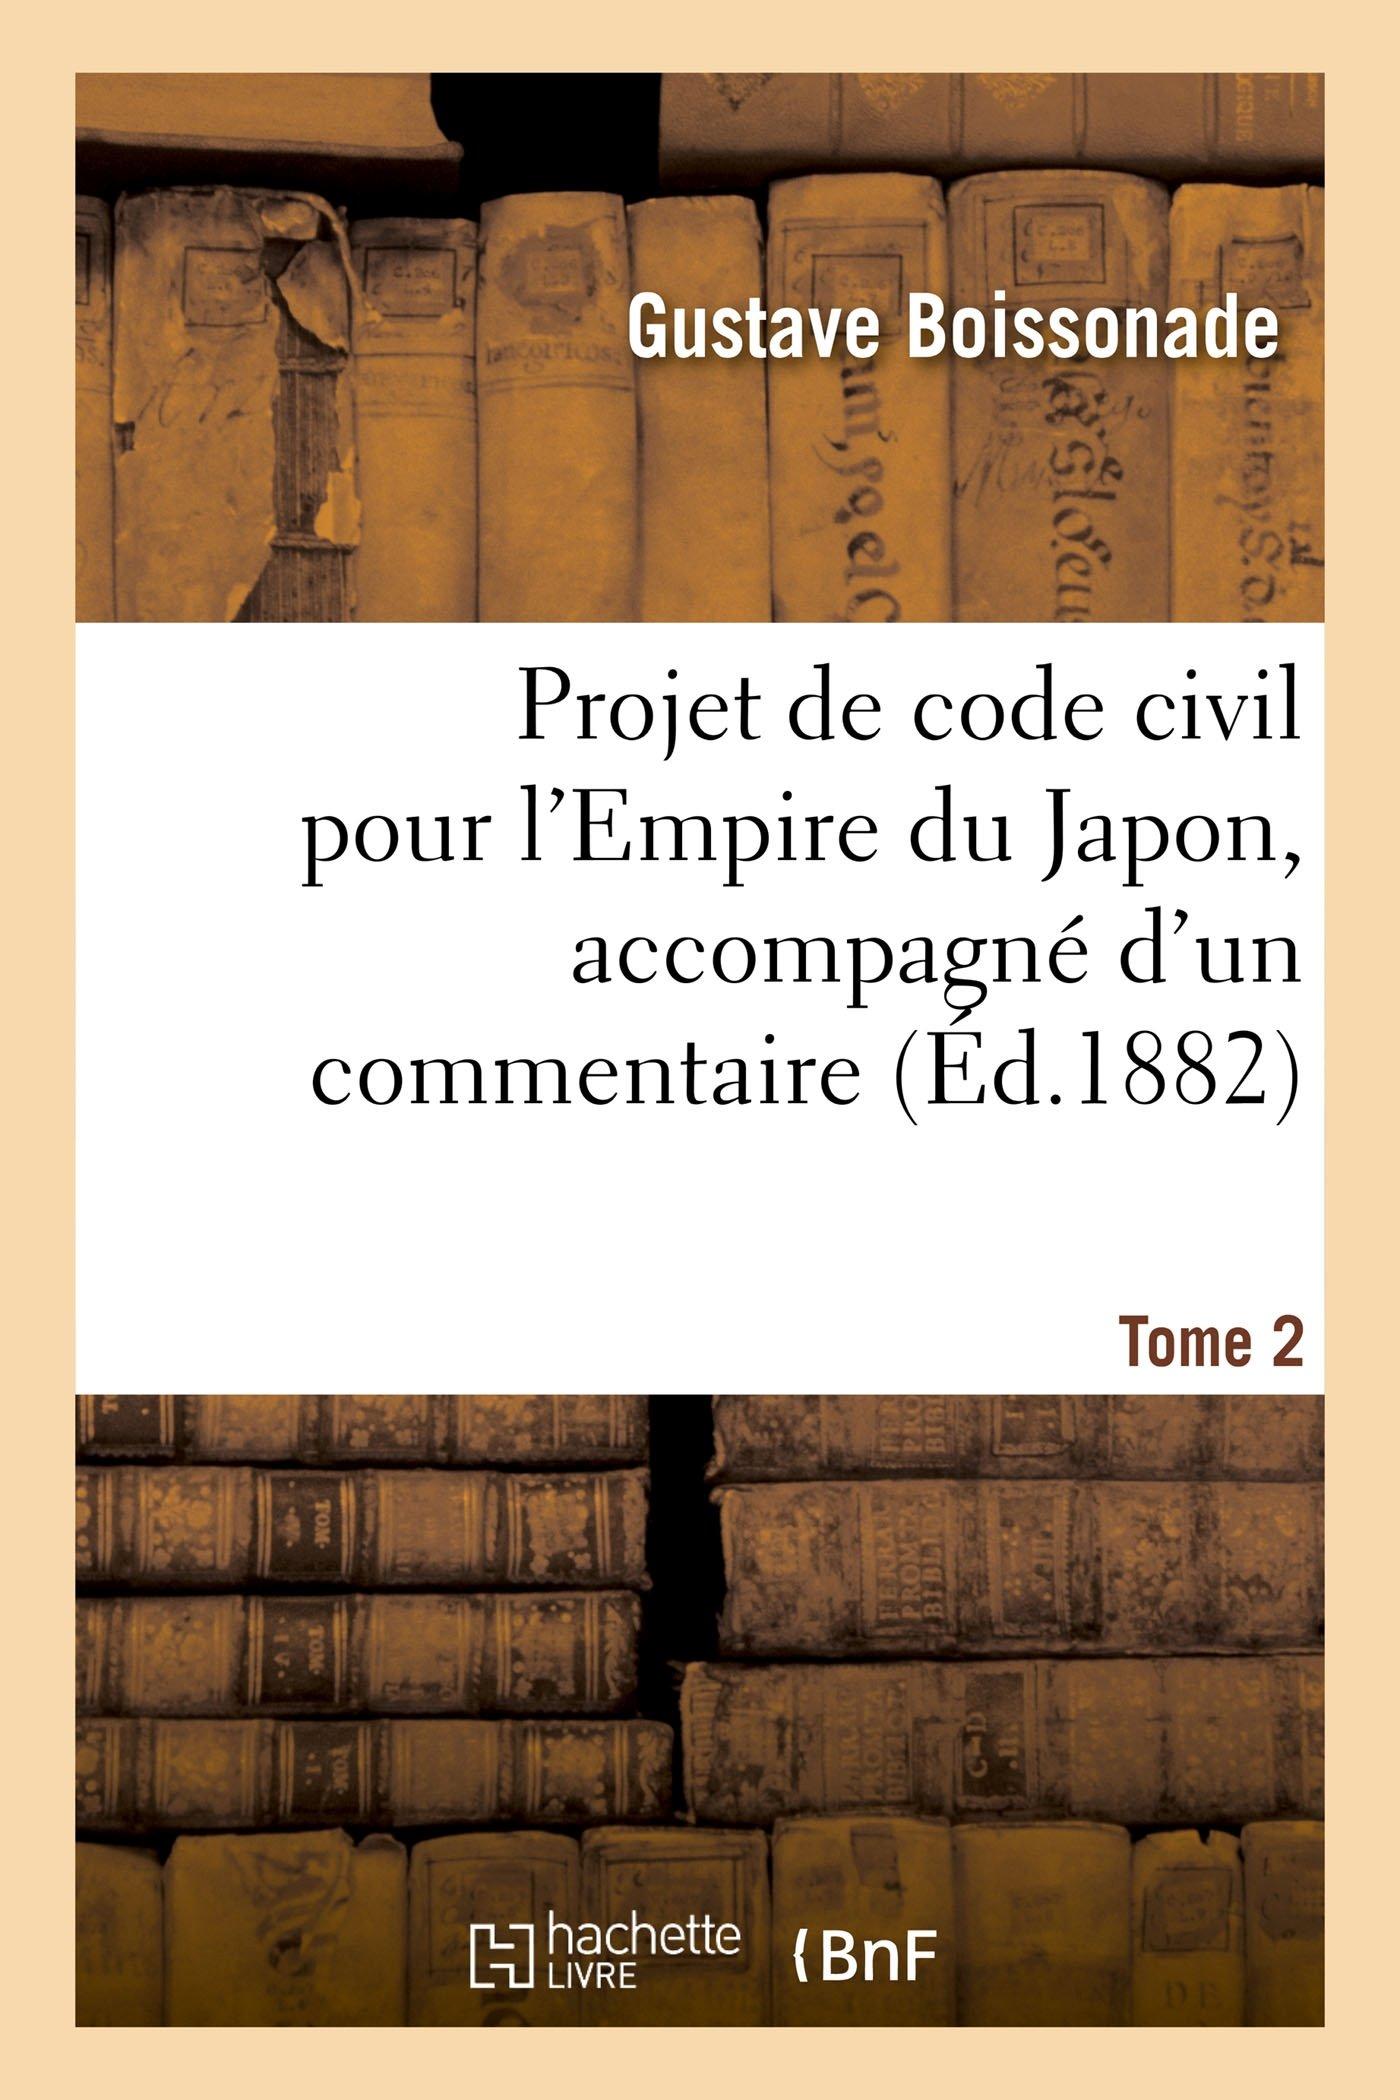 Projet de code civil pour l'Empire du Japon, accompagné d'un commentaire. Tome 2 Broché – 1 juin 2016 Gustave Boissonade Hachette Livre BNF 2013744544 Droit général